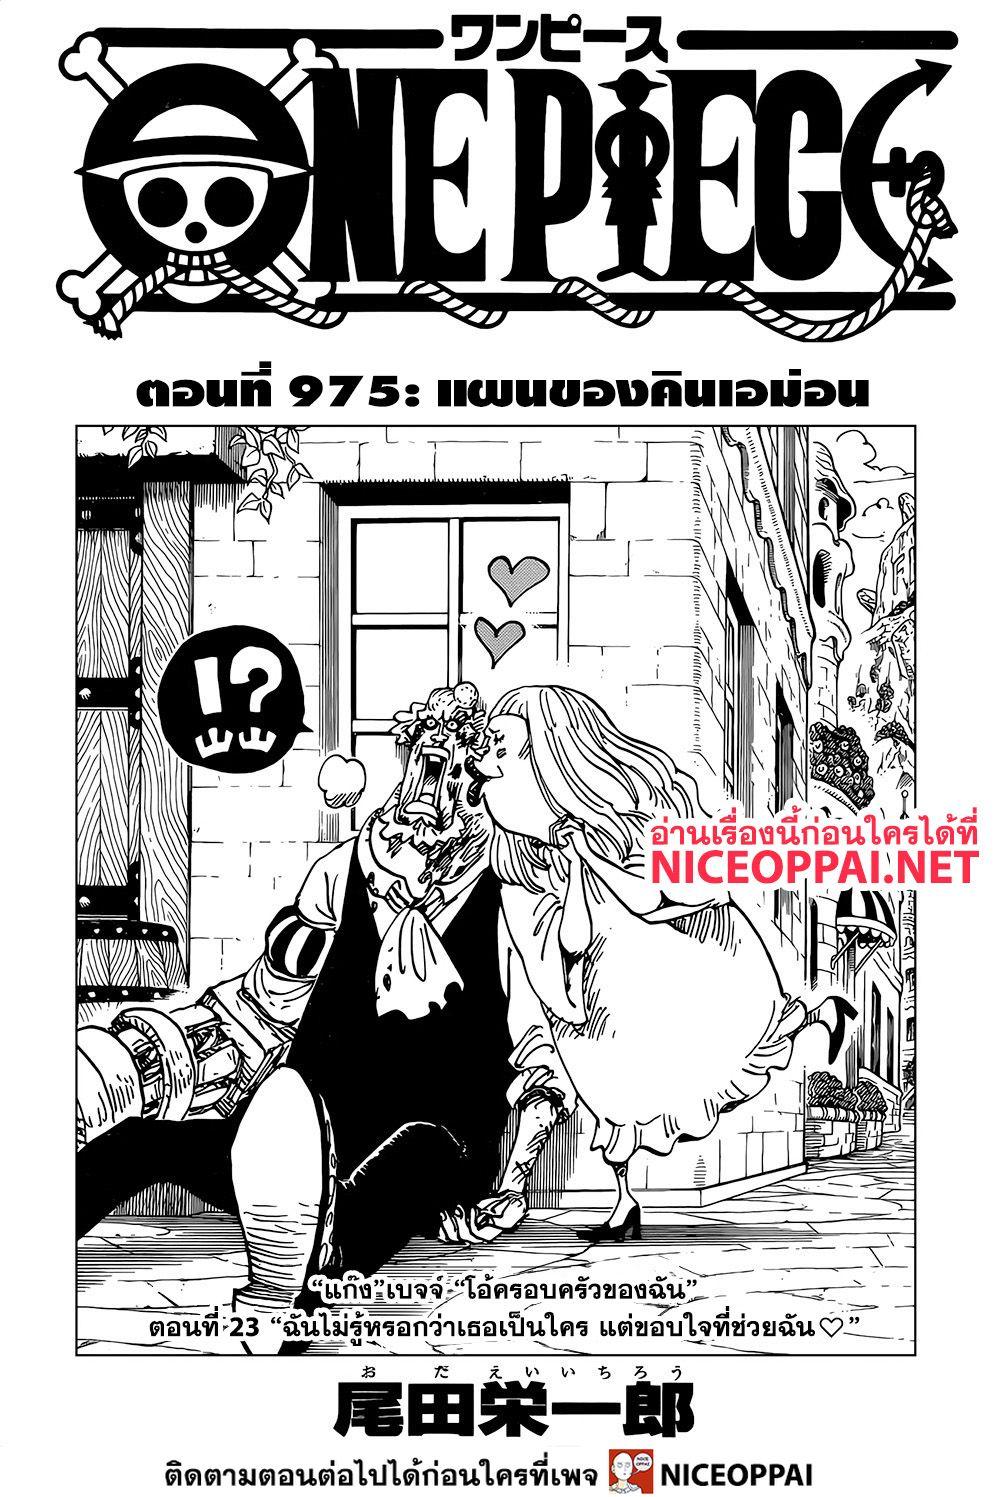 อ่านการ์ตูน One Piece ตอนที่ 975 หน้าที่ 2